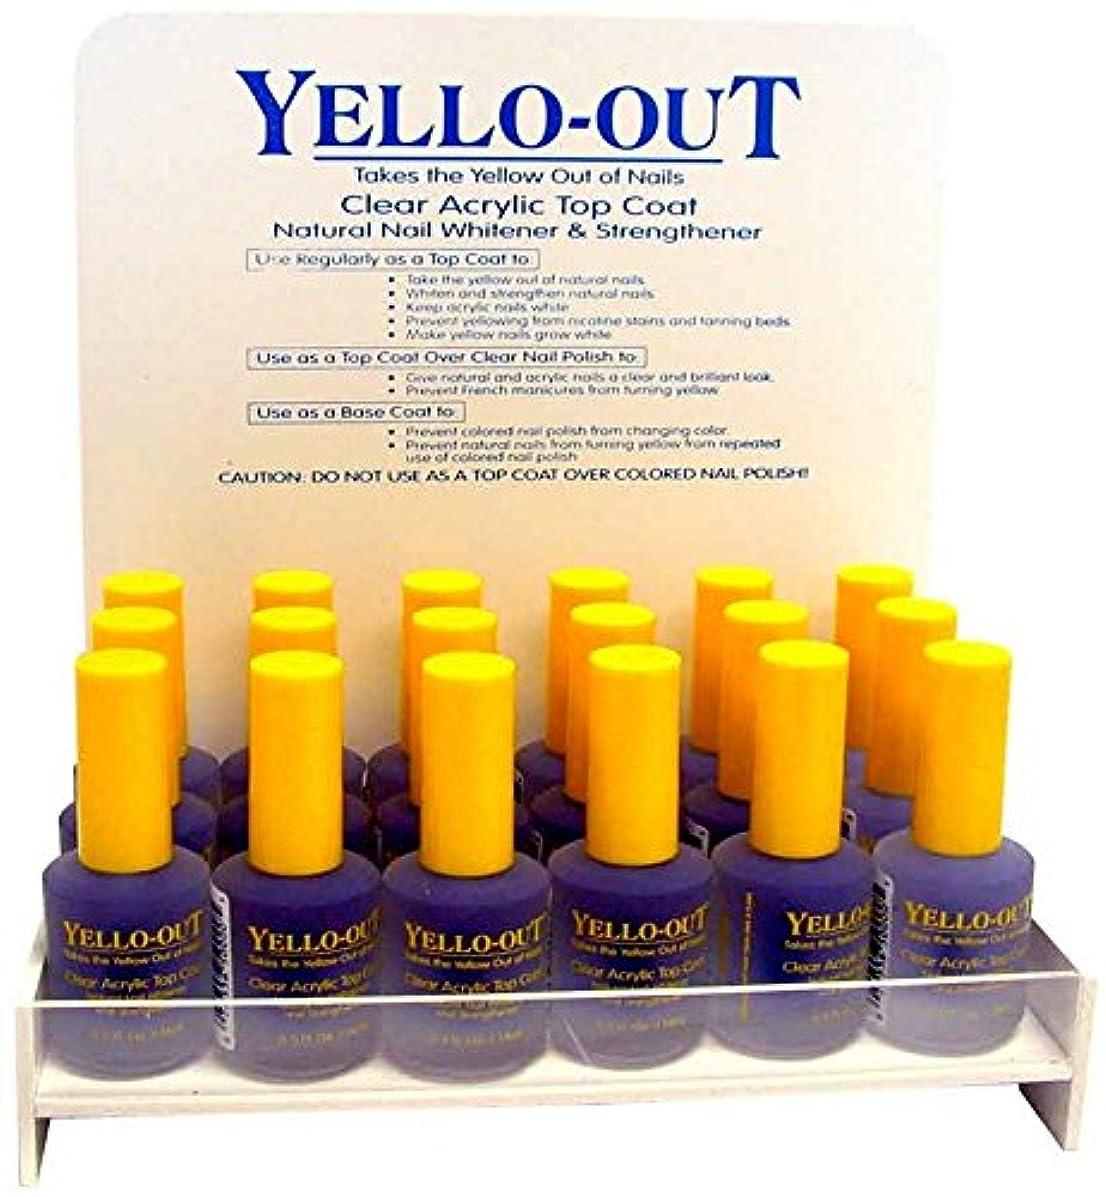 みなす米国絶妙Sleekhair Exclusive YELLO-OUTによってイエロークリアアクリルトップコート0.5オンス 0.5オンス